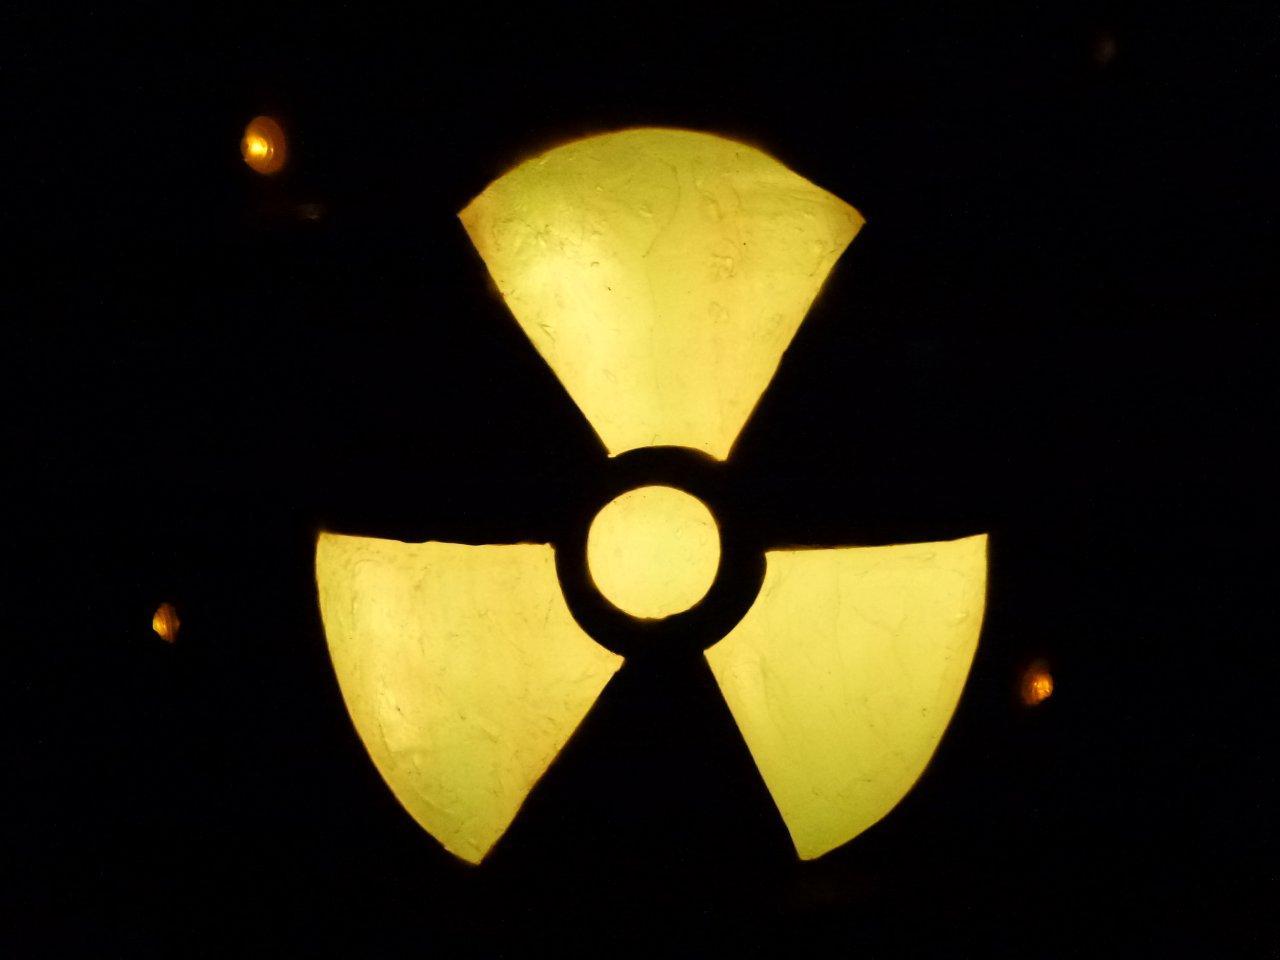 """Neue Richtlinie zum nuklearen Terrorschutz tritt in Kraft: Sicherung radioaktiver Medizin-Stoffe gegen Diebstahl, Sabotage und die """"schmutzige"""" Bombe"""